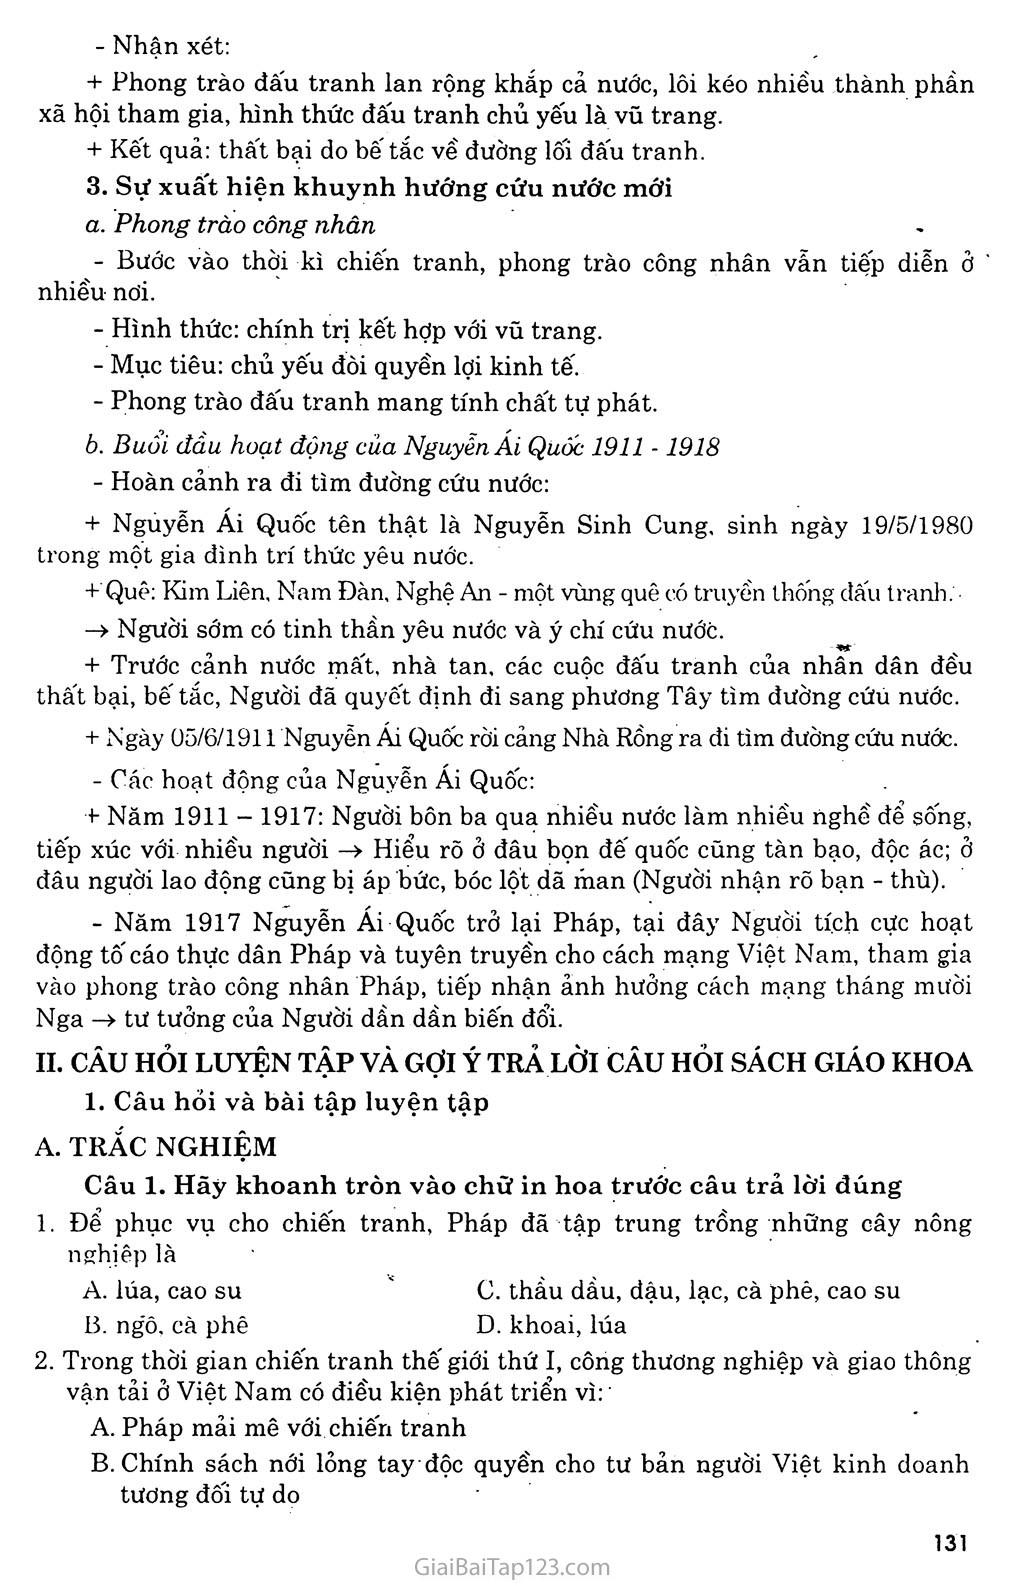 Bài 24: Việt Nam trong những năm chiến tranh thế giới thứ nhất (1914 - 1918) trang 3